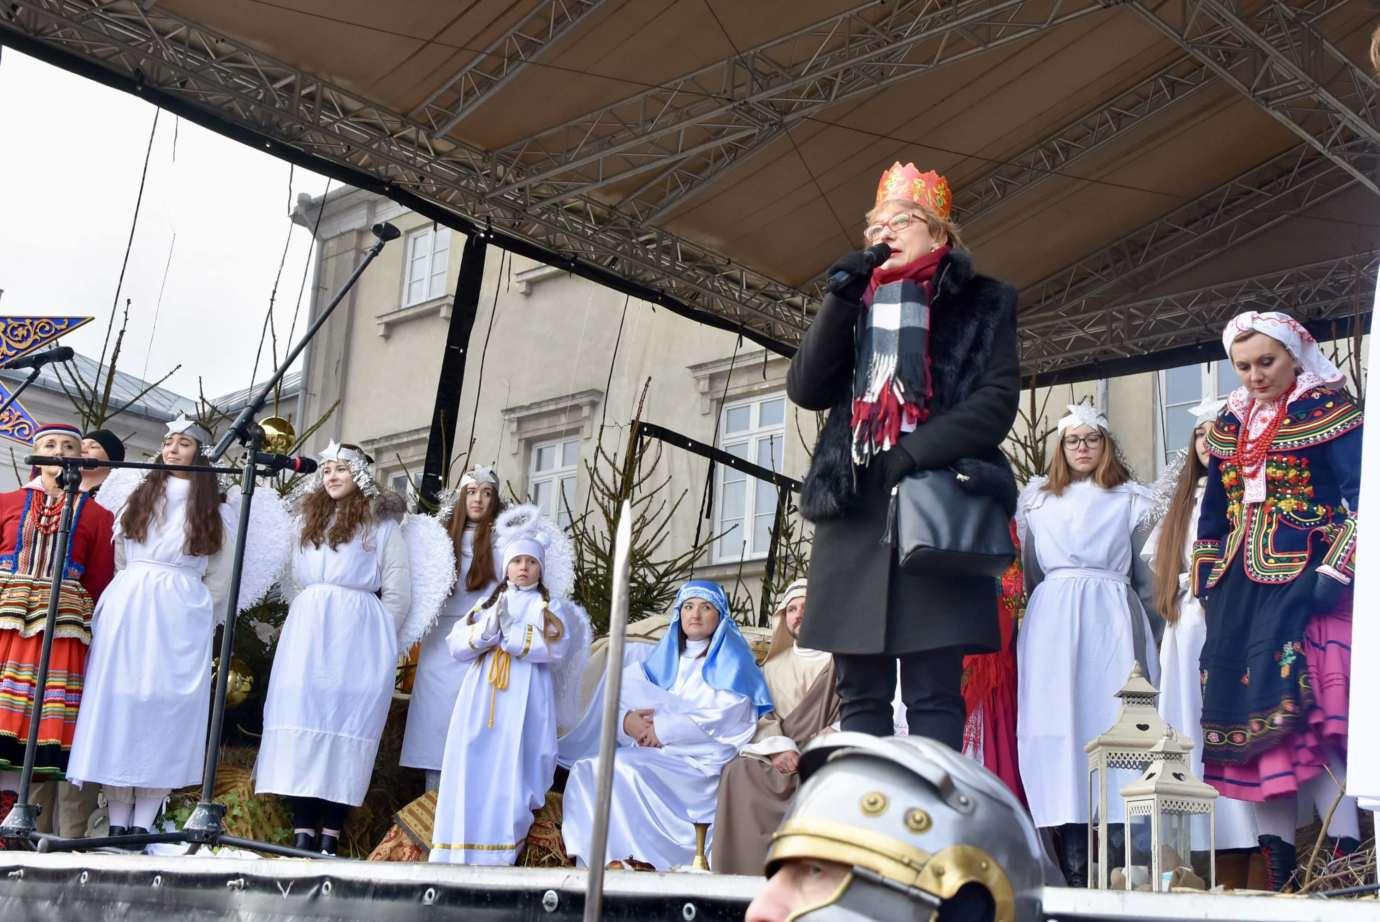 dsc 2465 Rekordowy VI Orszak Trzech Króli w Zamościu -